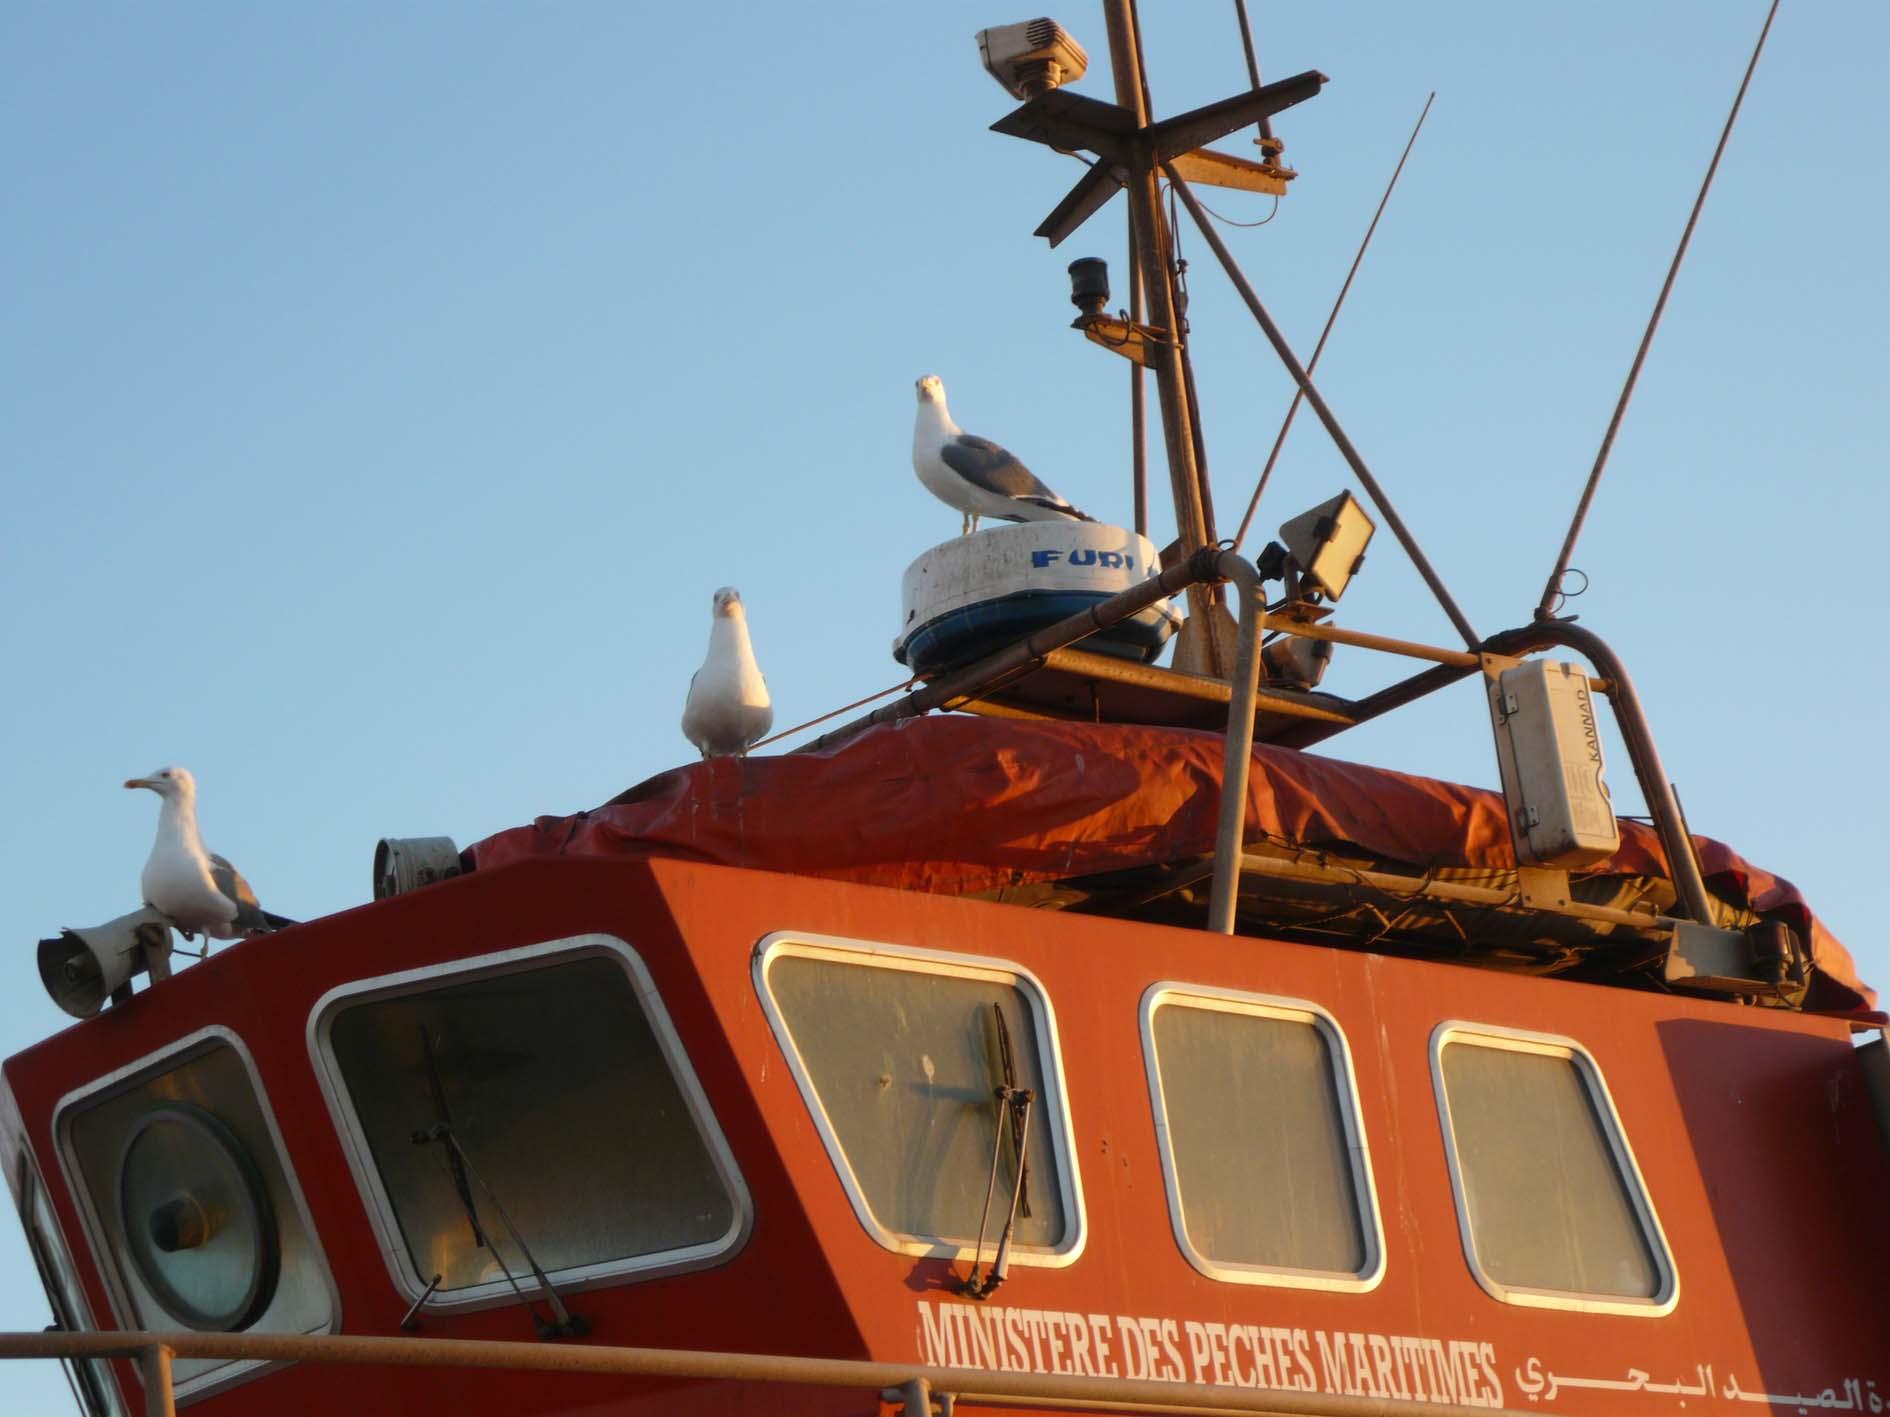 Sauvetage maritime au Maroc / service de recherche et de sauvetage  - Page 2 2121772623_d7b73b9494_o